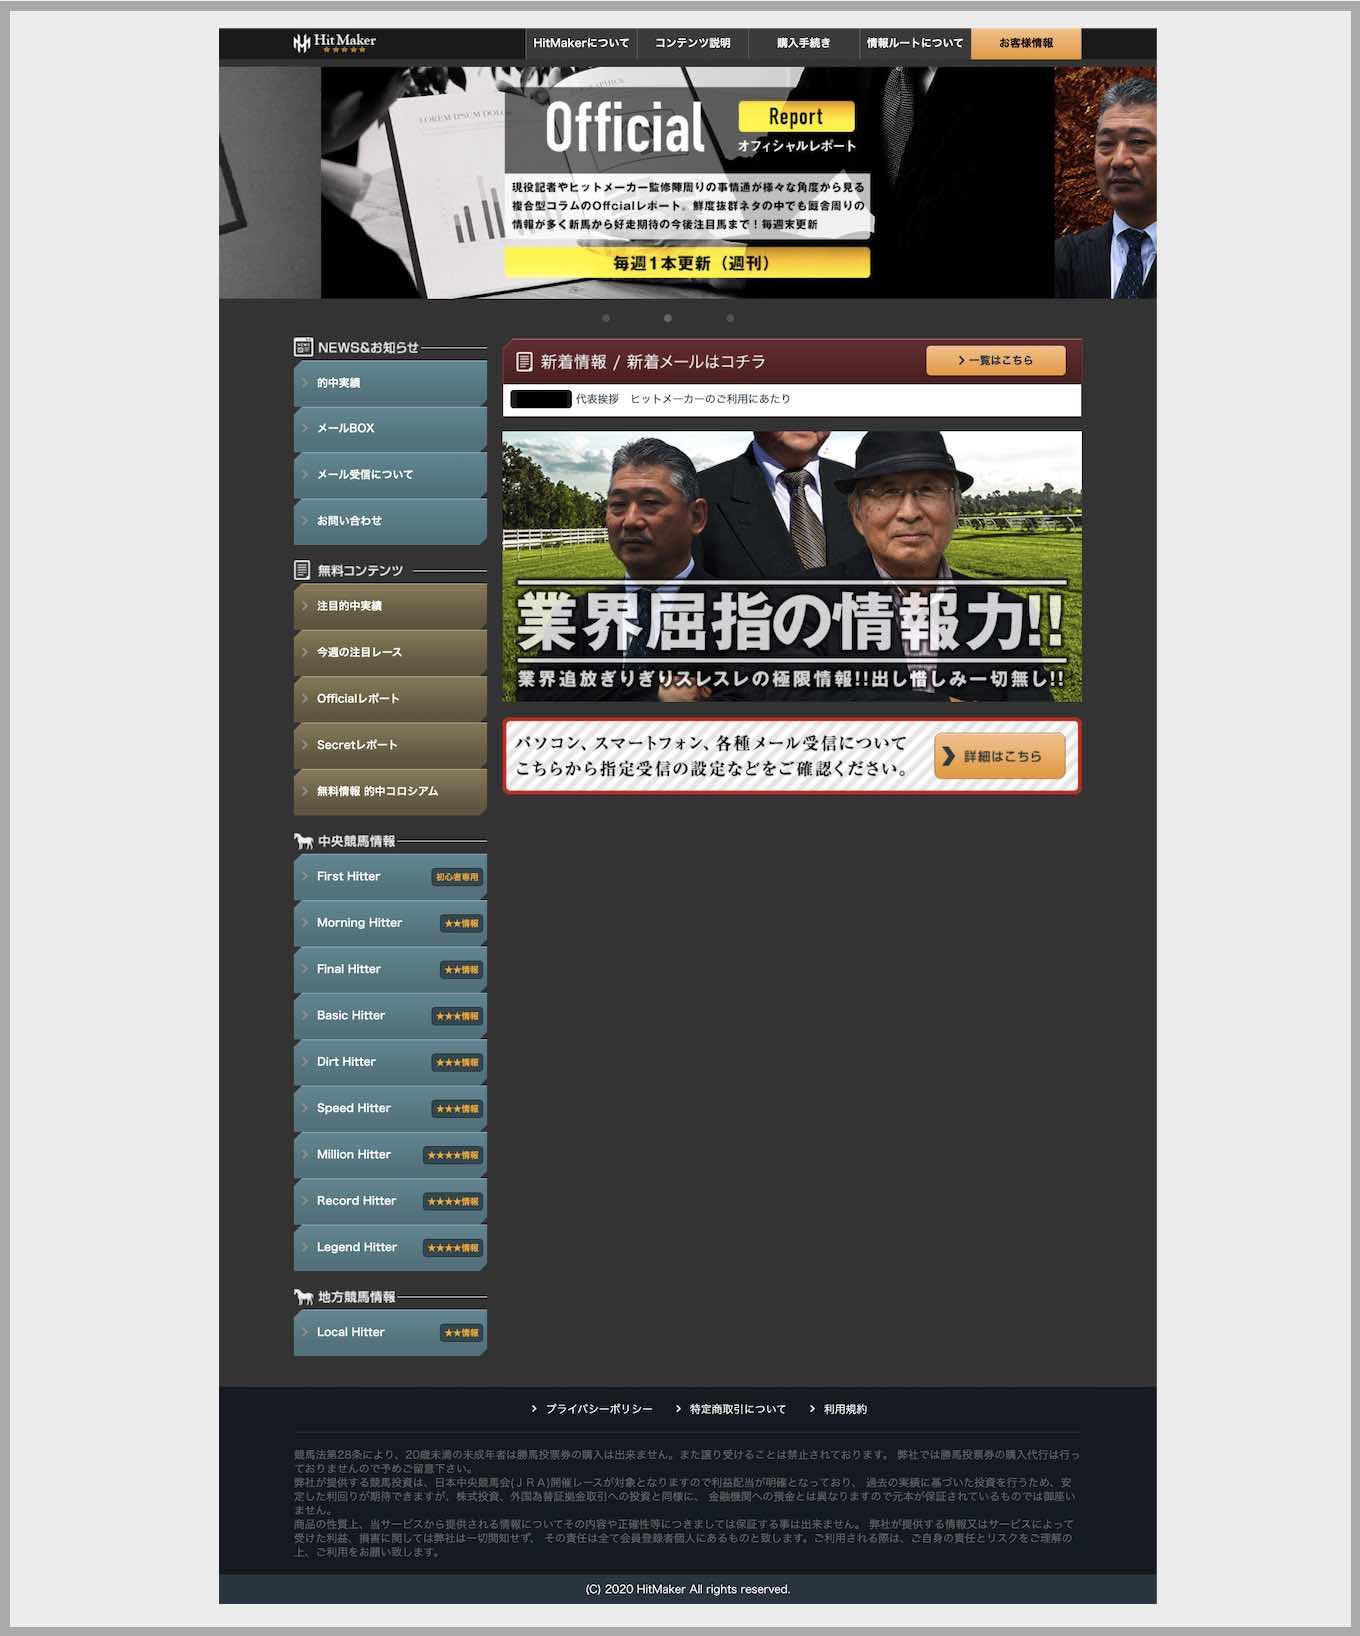 ヒットメーカーという競馬予想サイトの会員ページ